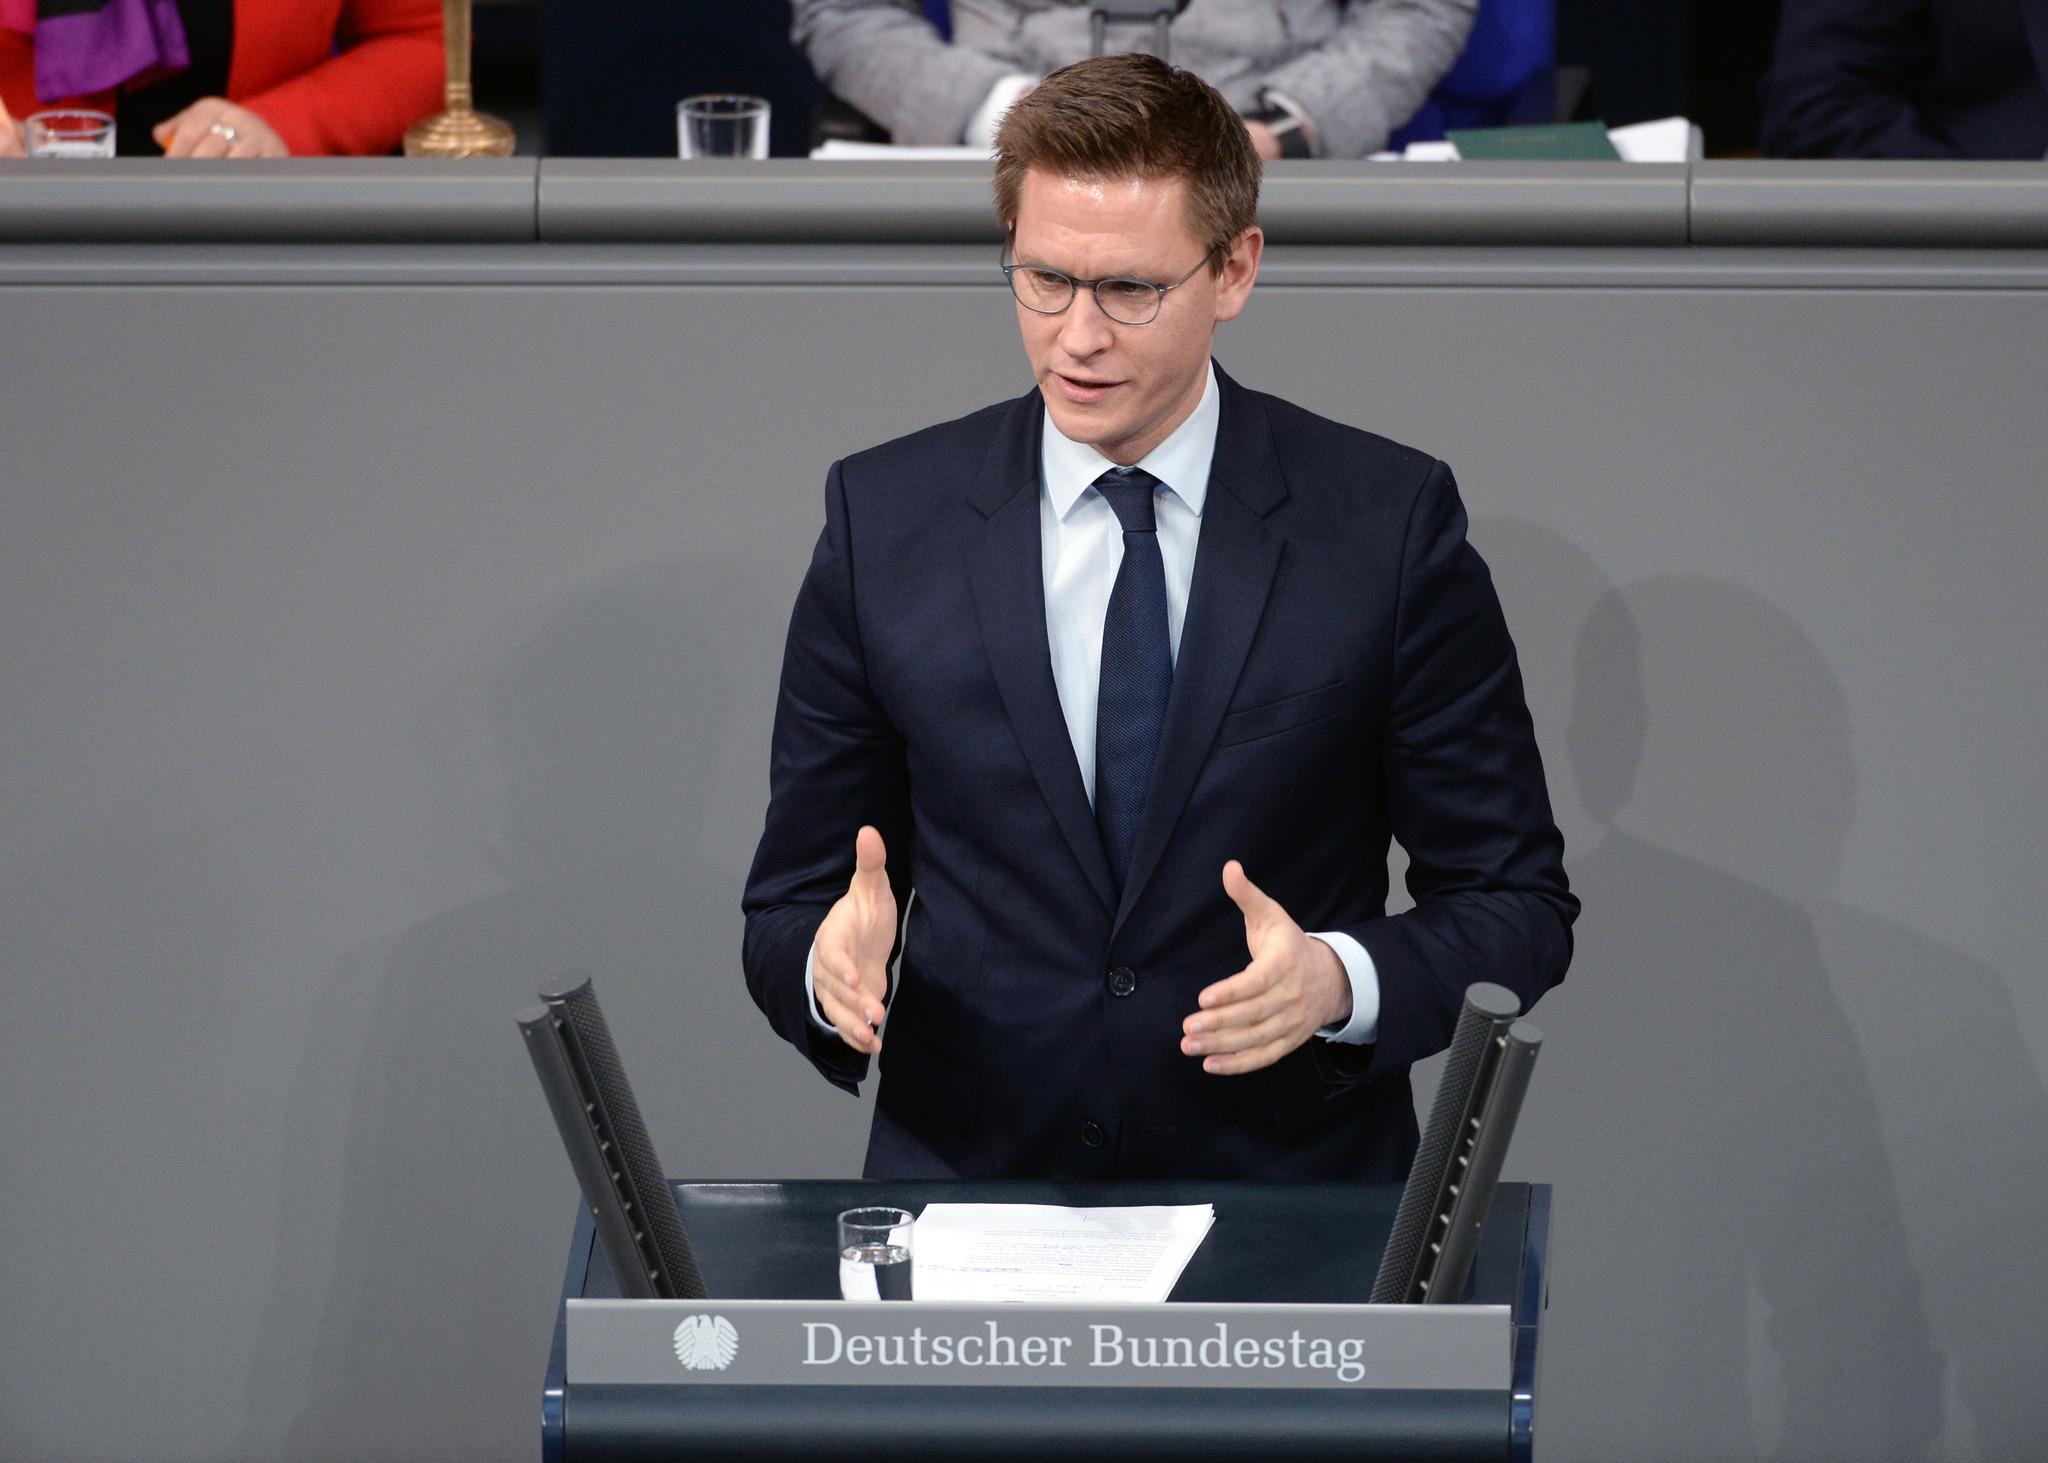 Am Freitag, 26. Februar habe ich als Berichterstatter zu Familienthemen im Finanzausschuss unter anderem über den neuen Kinderzuschlag wegen Corona im Plenum des Deutschen Bundestages gesprochen. Hier meine Rede: